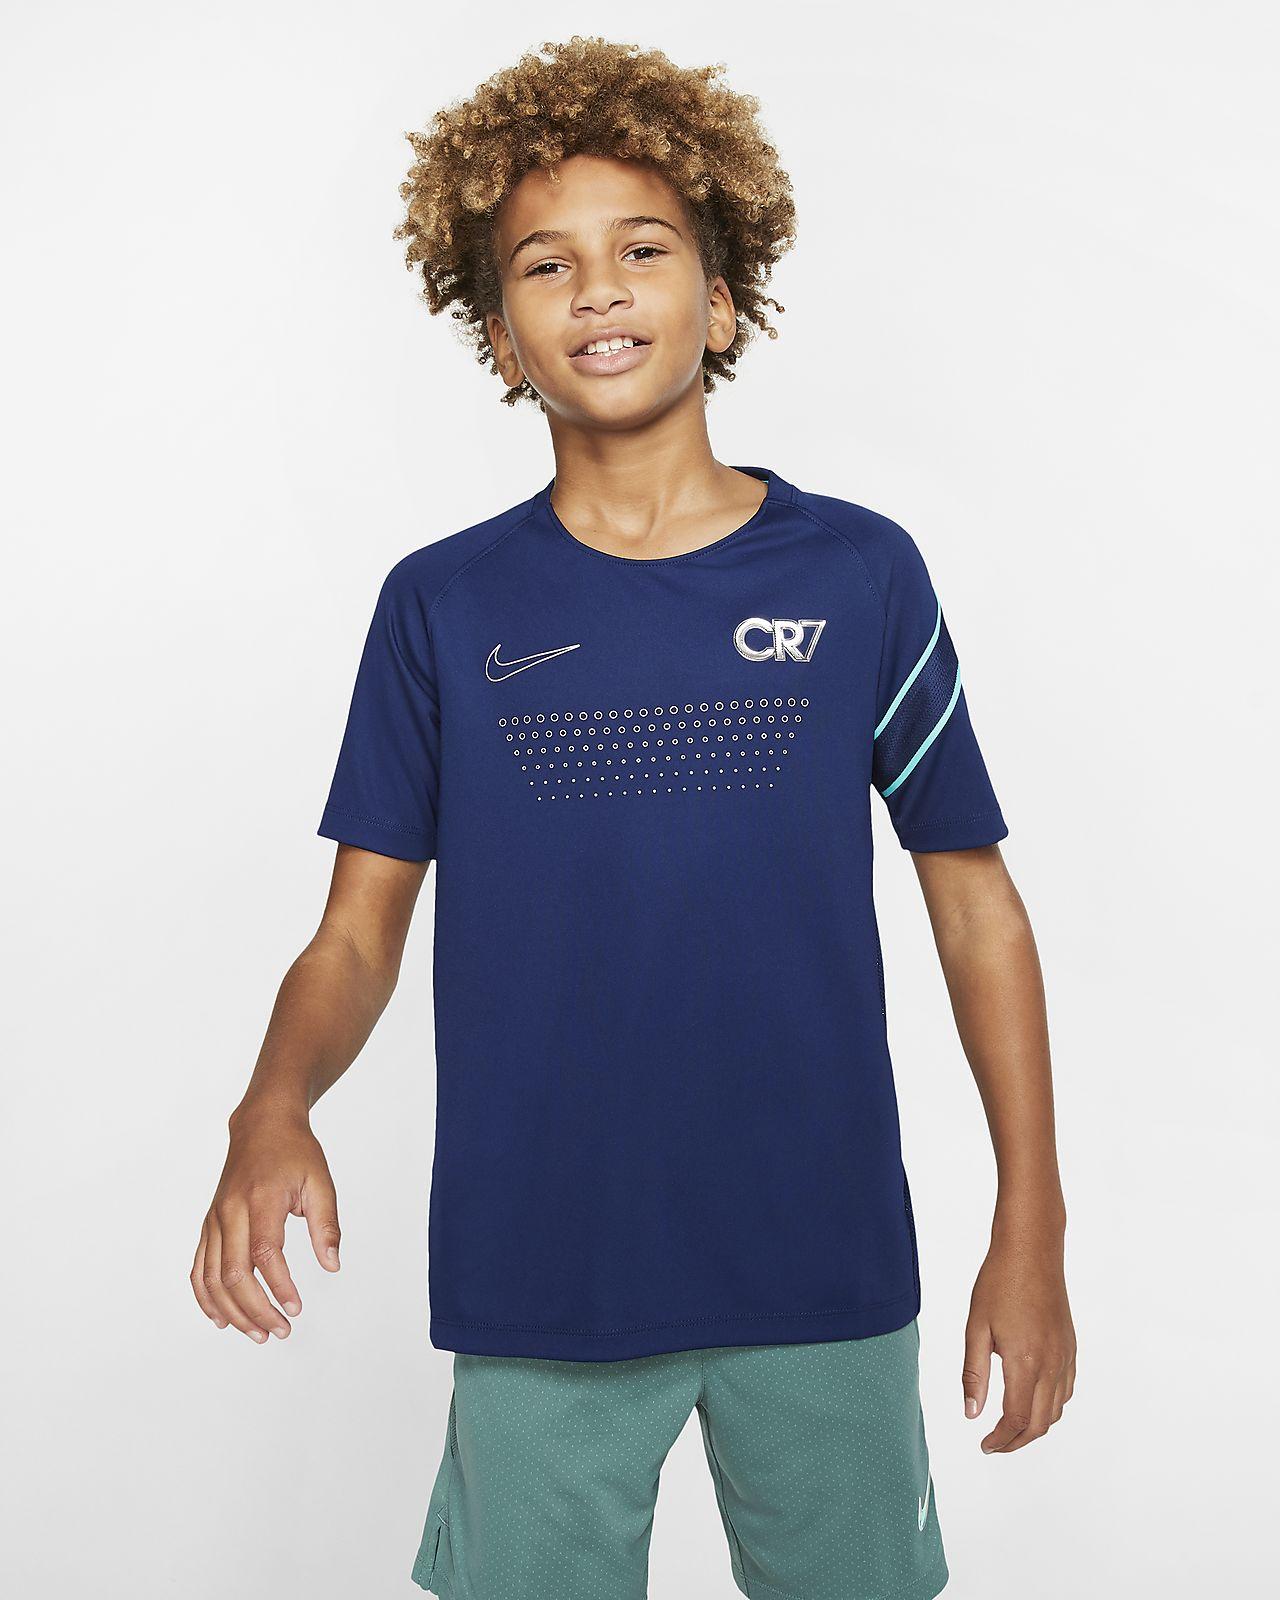 เสื้อฟุตบอลแขนสั้นเด็กโต Nike Dri-FIT CR7